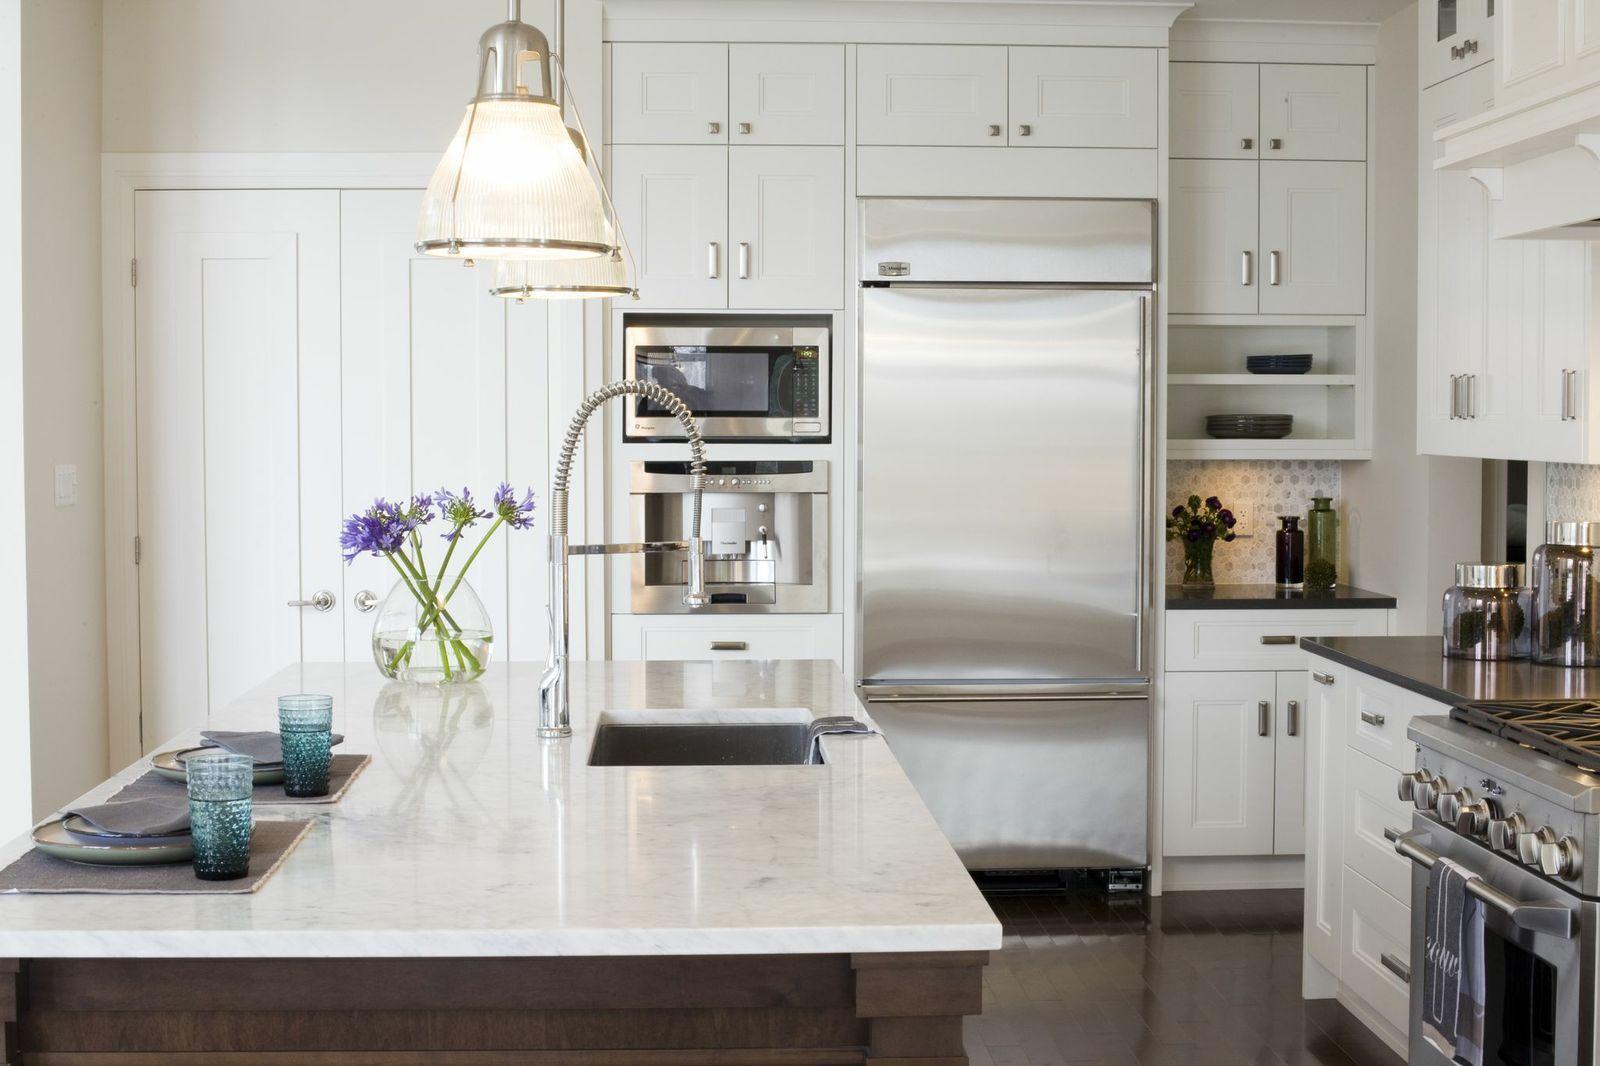 Such an elegant kitchen space! by astro design #ottawa #kitchen